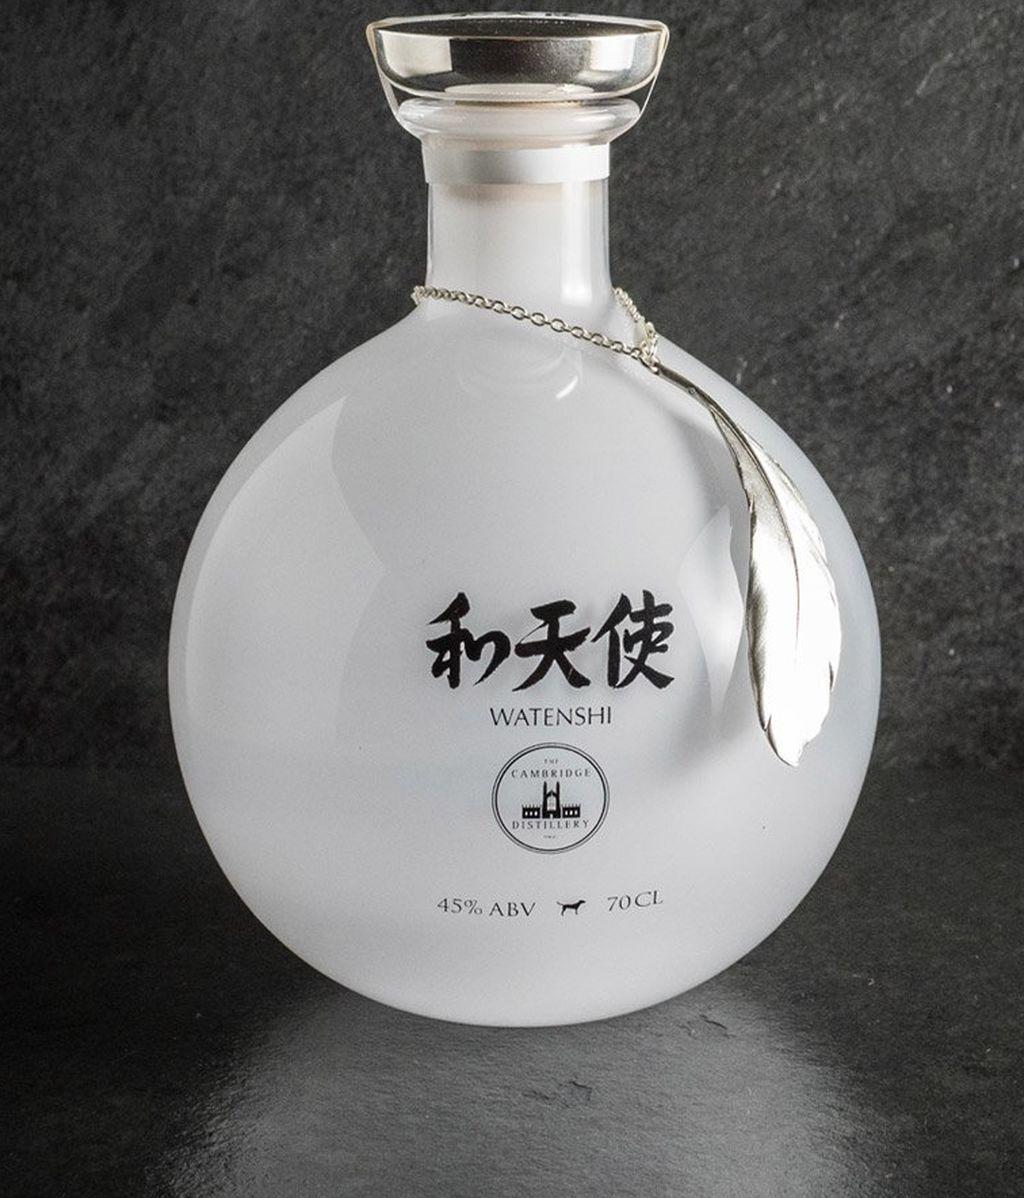 Watenshi Gin